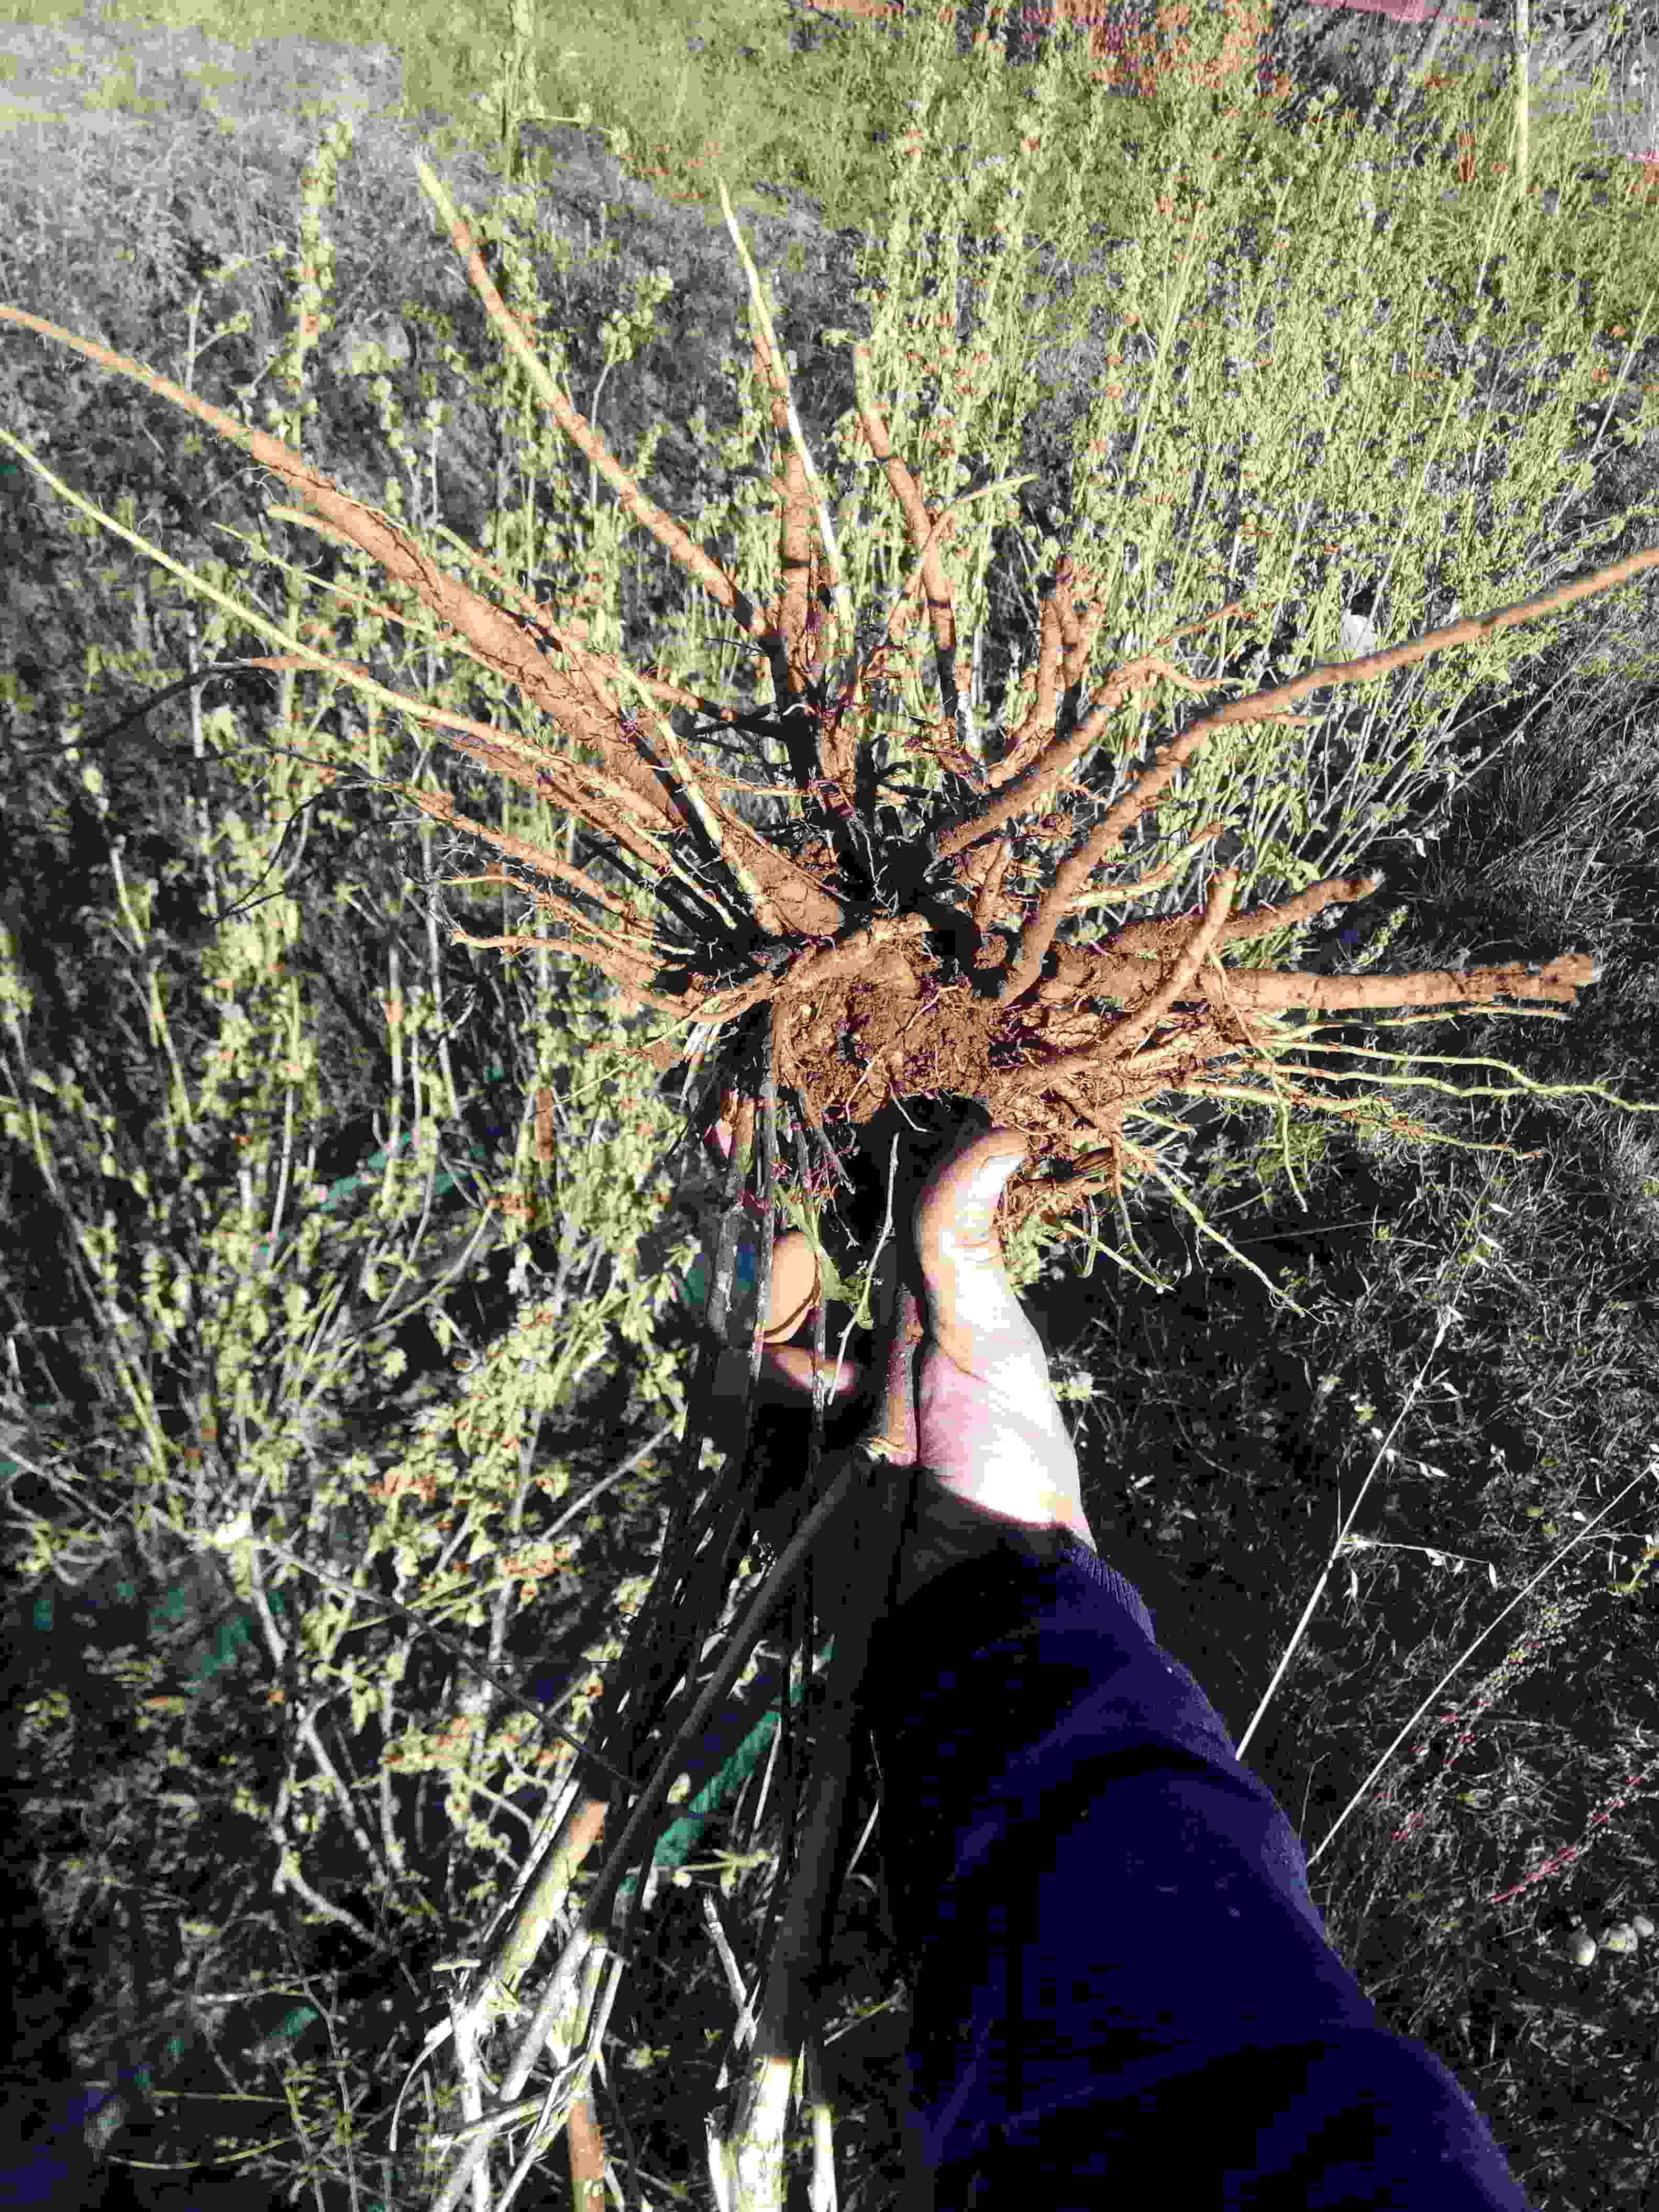 Cosecha de raices de equinácea, ragalíz, valeriana y malvavisco